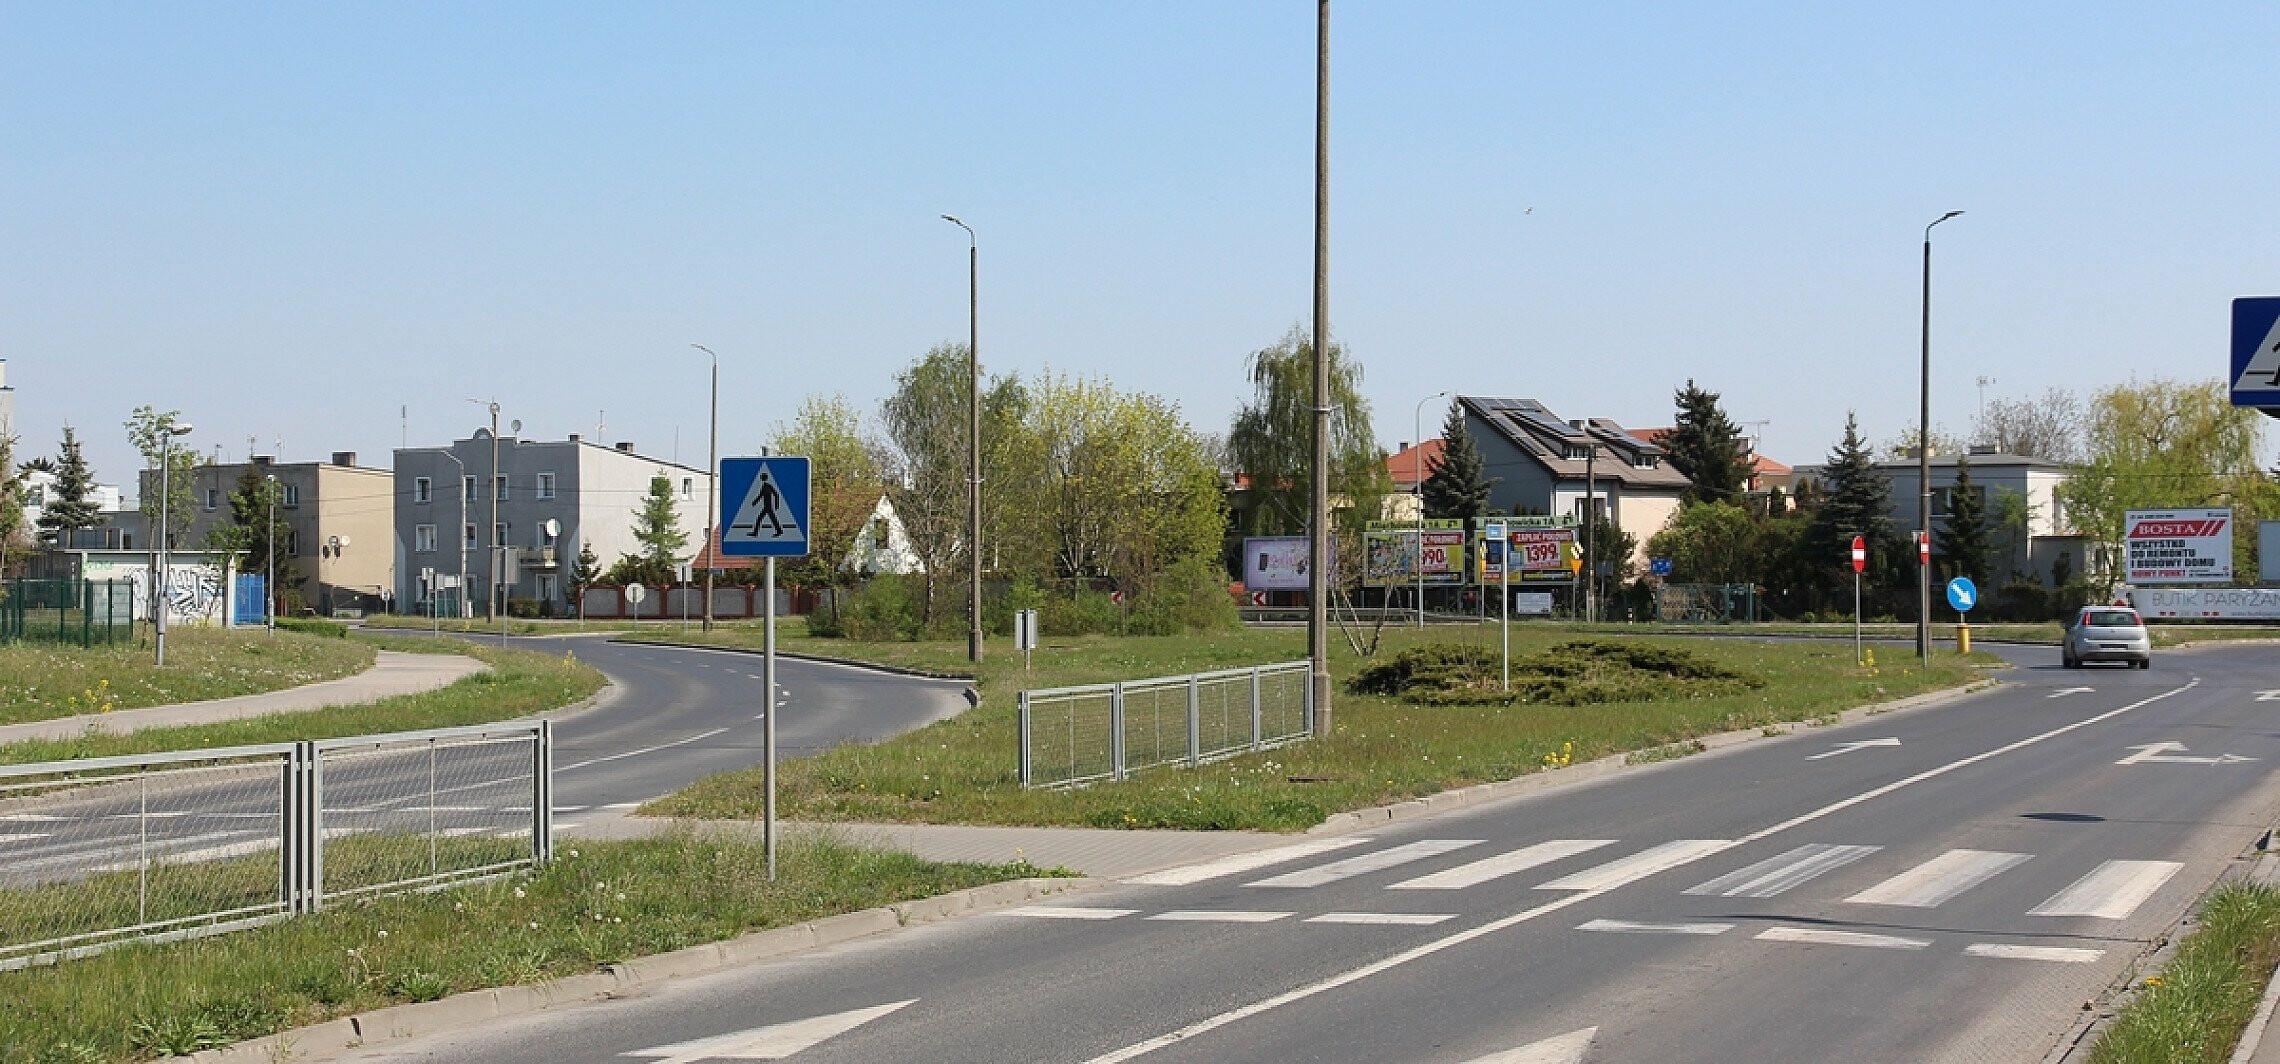 Inowrocław - Przebudują ulicę Górniczą. Kiedy i jak?